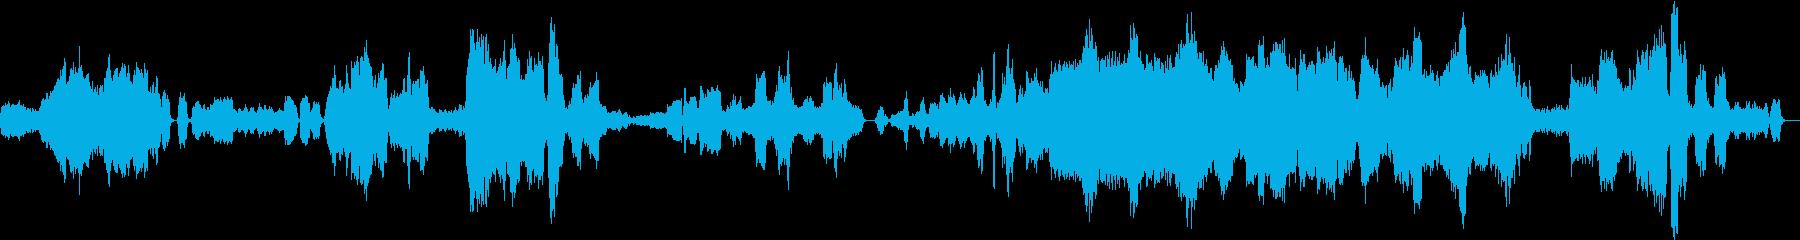 ジャン・シベリウスのカバーの再生済みの波形